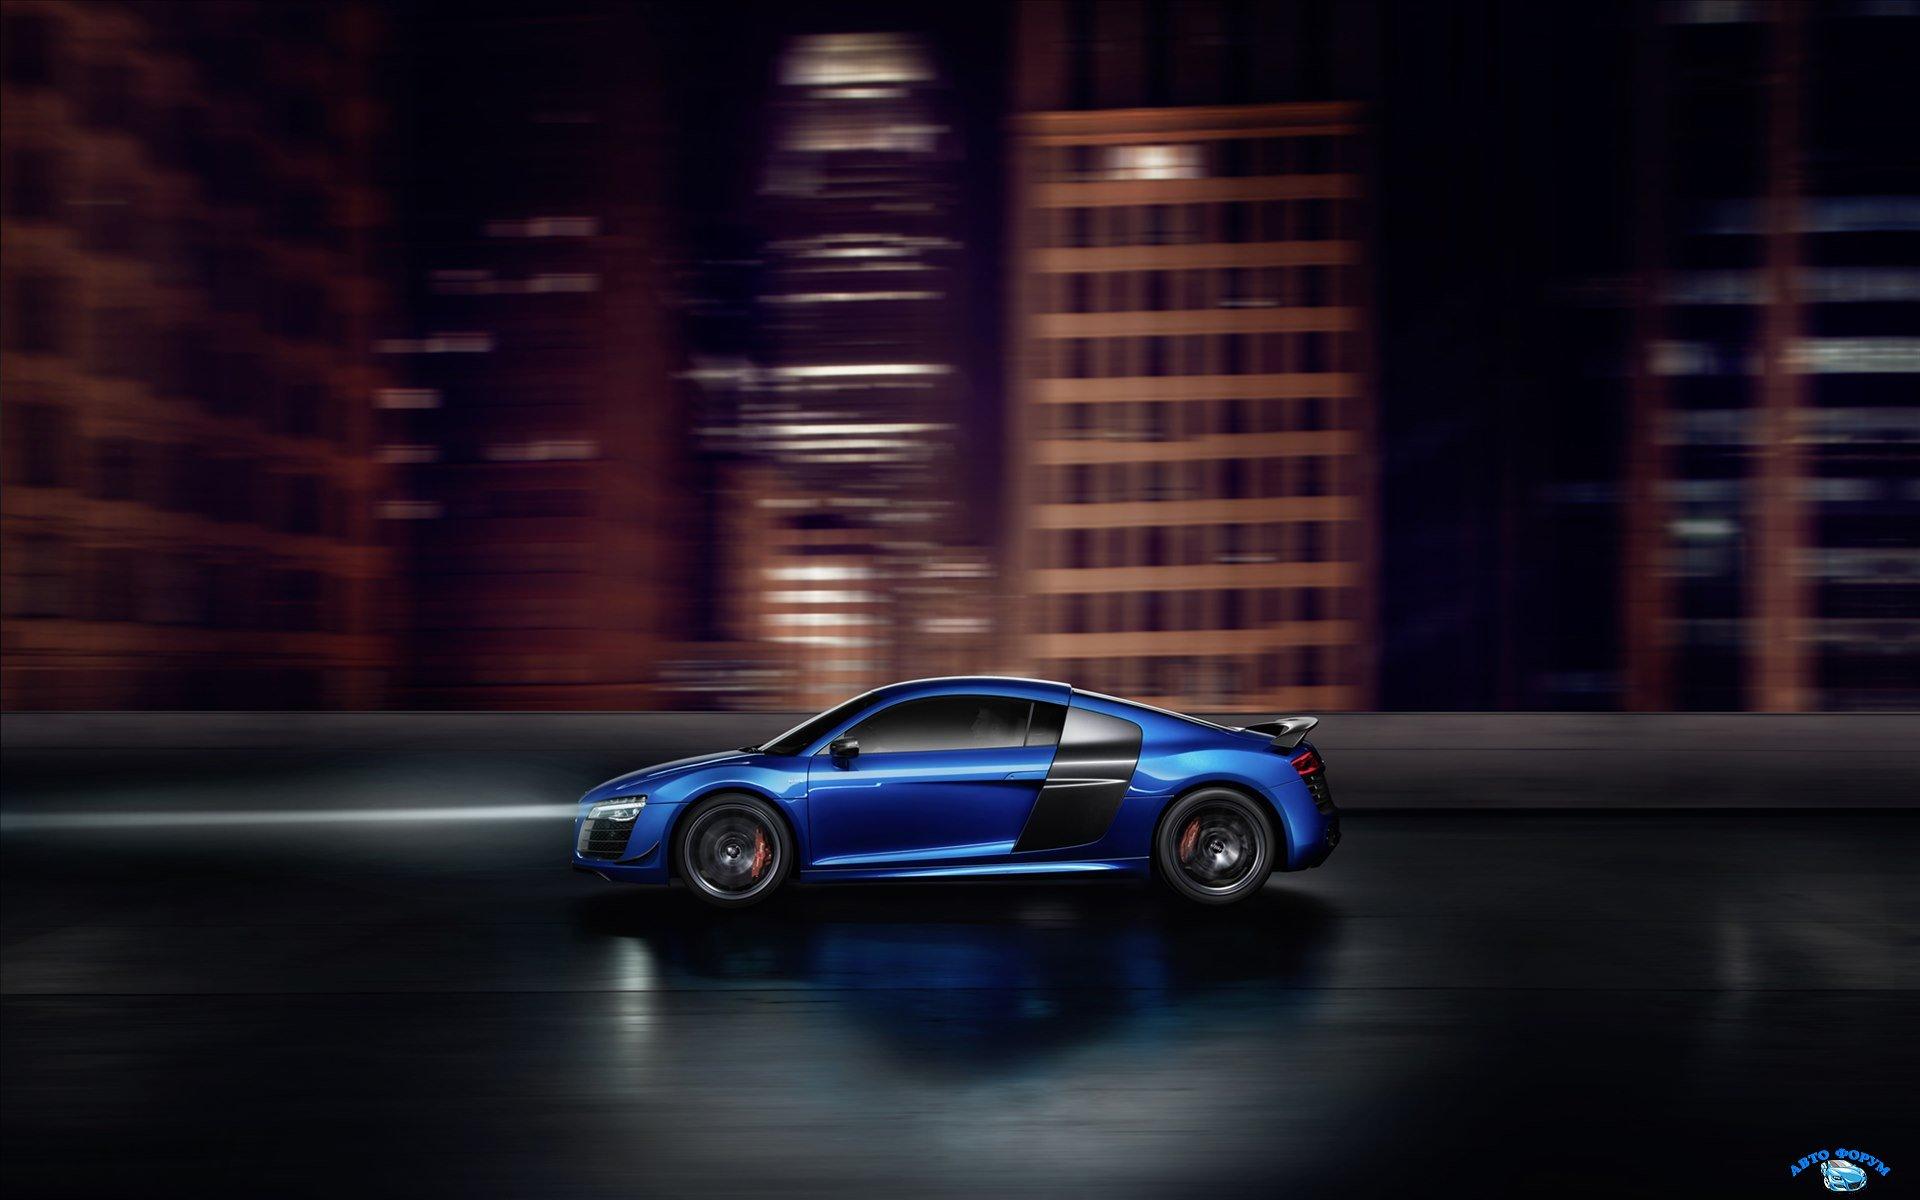 Audi-R8-LMX-2015-widescreen-07.jpg